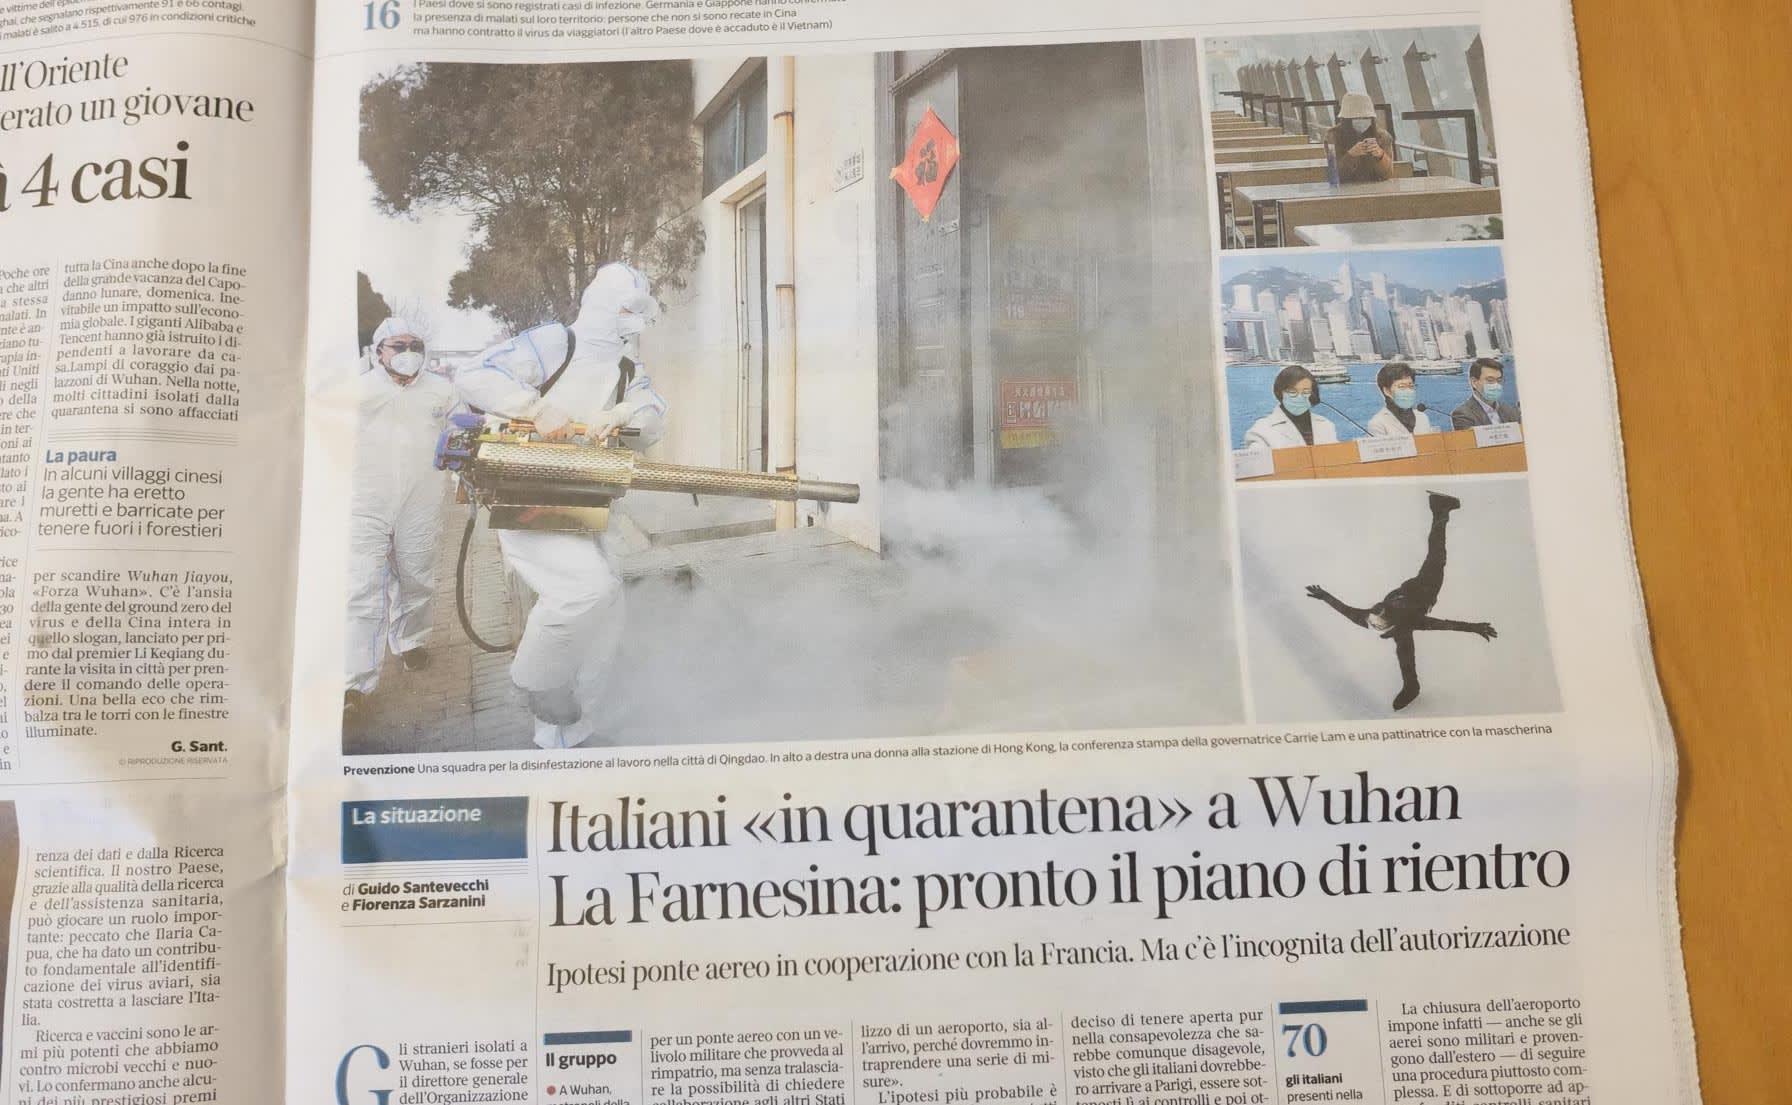 中国国内の様子を報じるイタリアの新聞